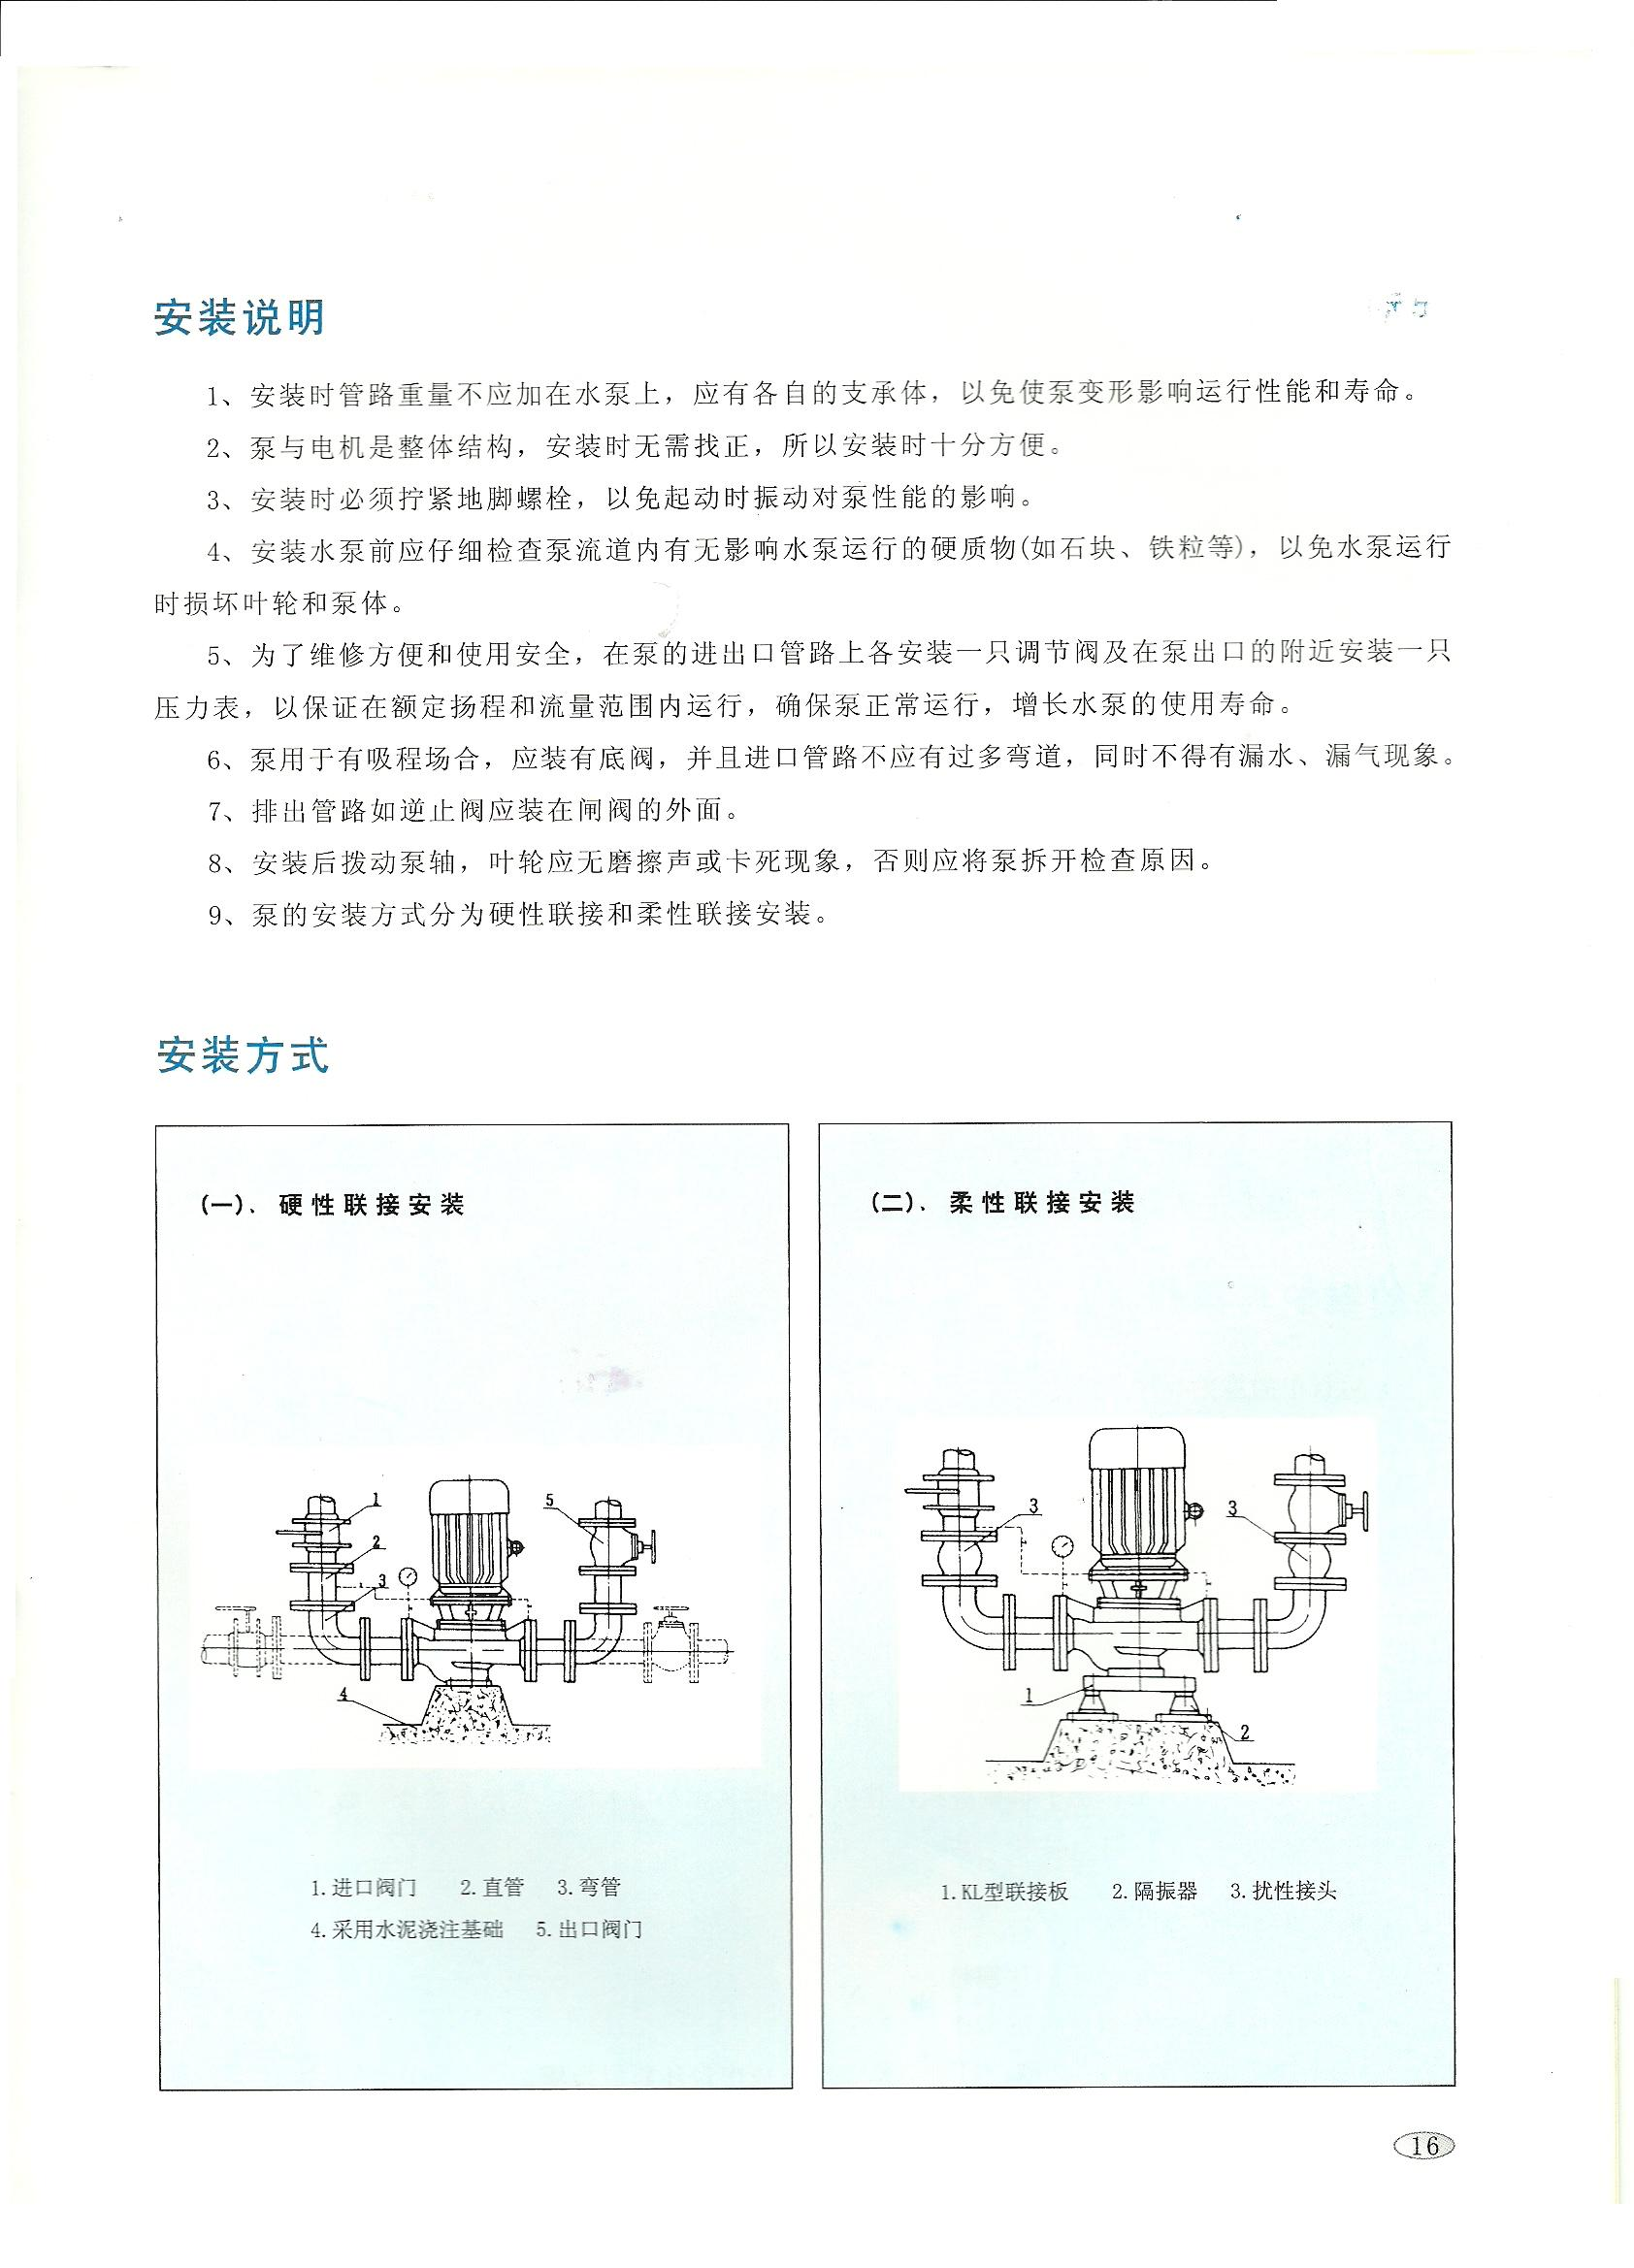 立式循环泵安装方式